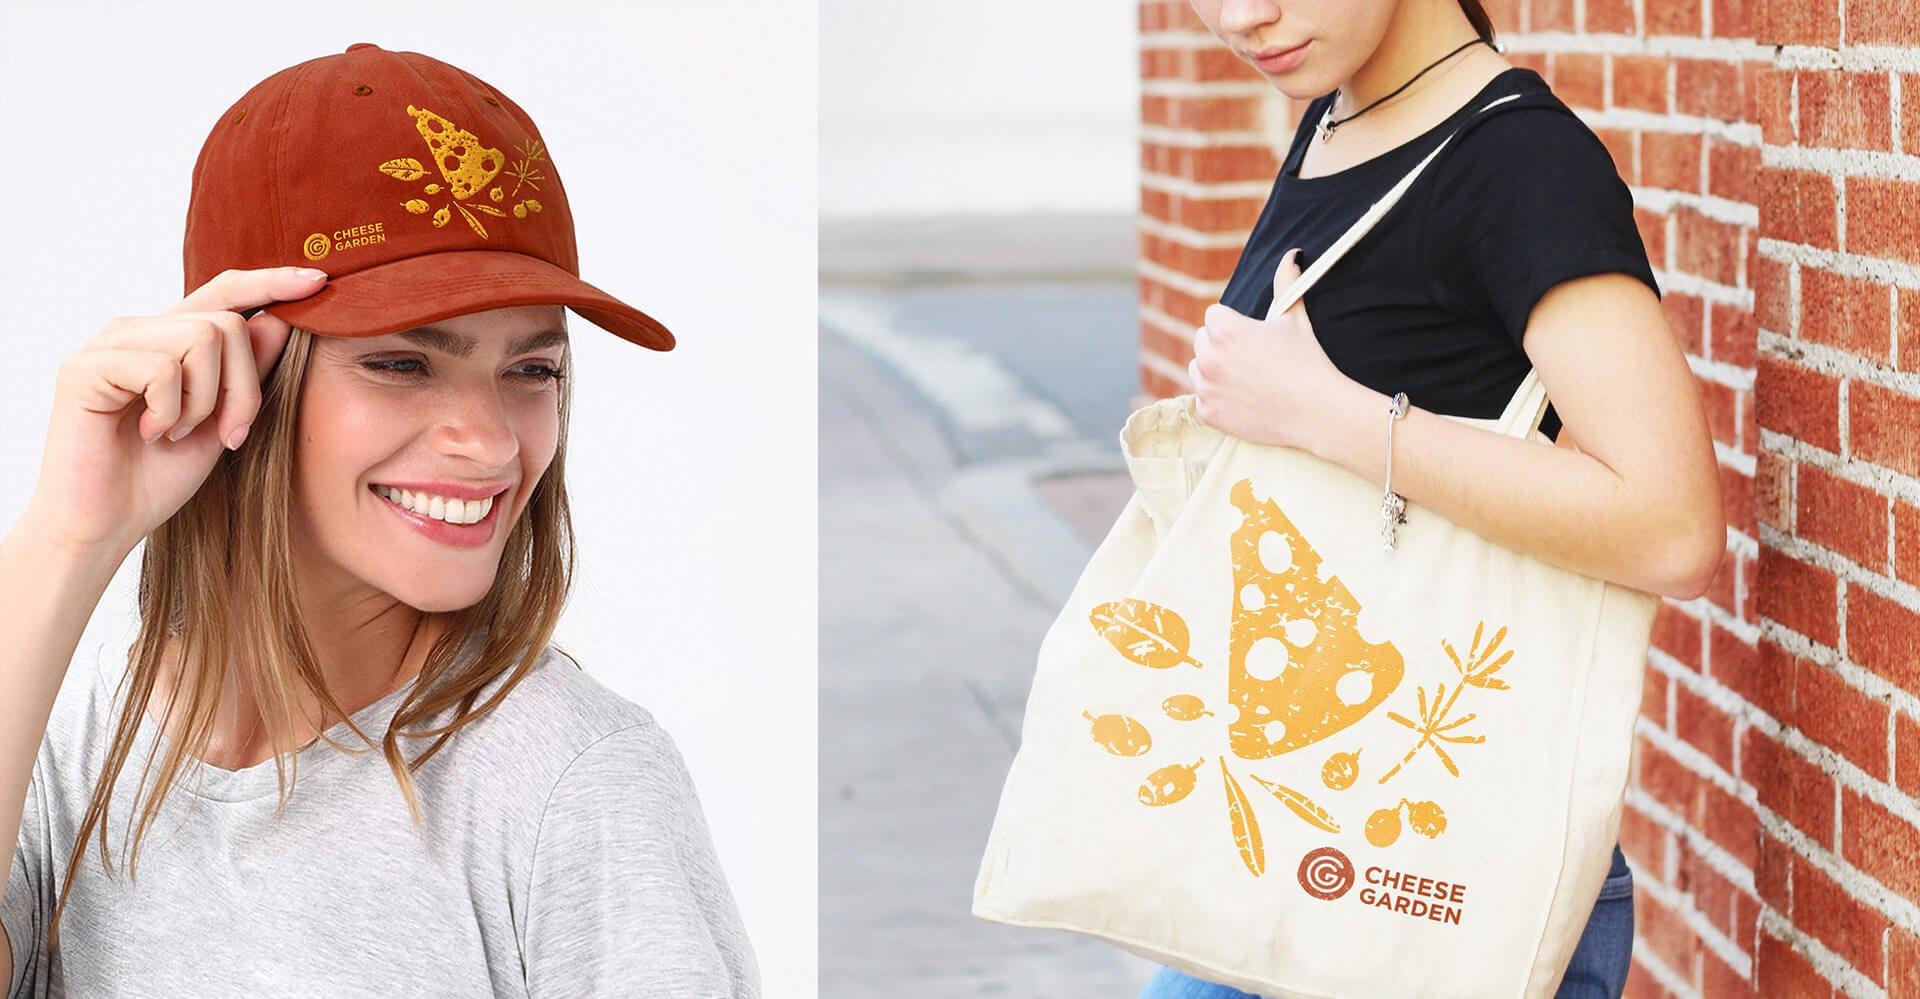 Подарункова кепка та еко торба «Cheese Garden»